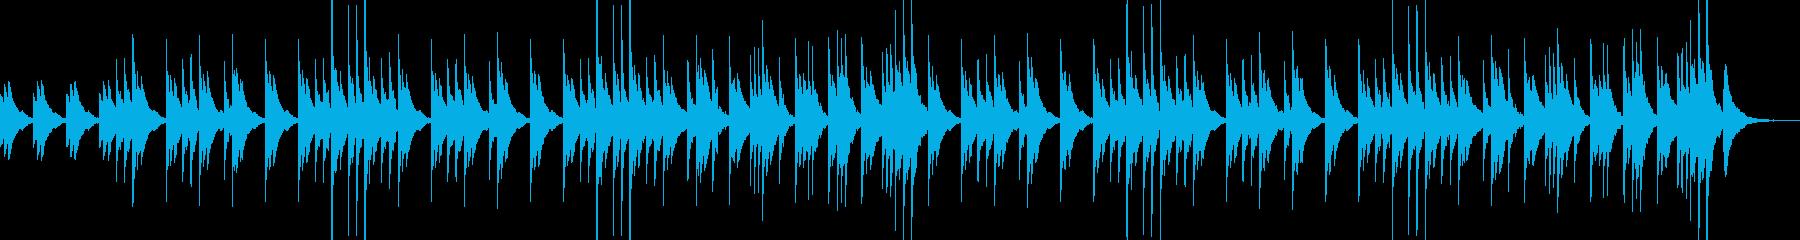 透明な音色が優しいクリスタルバラードの再生済みの波形